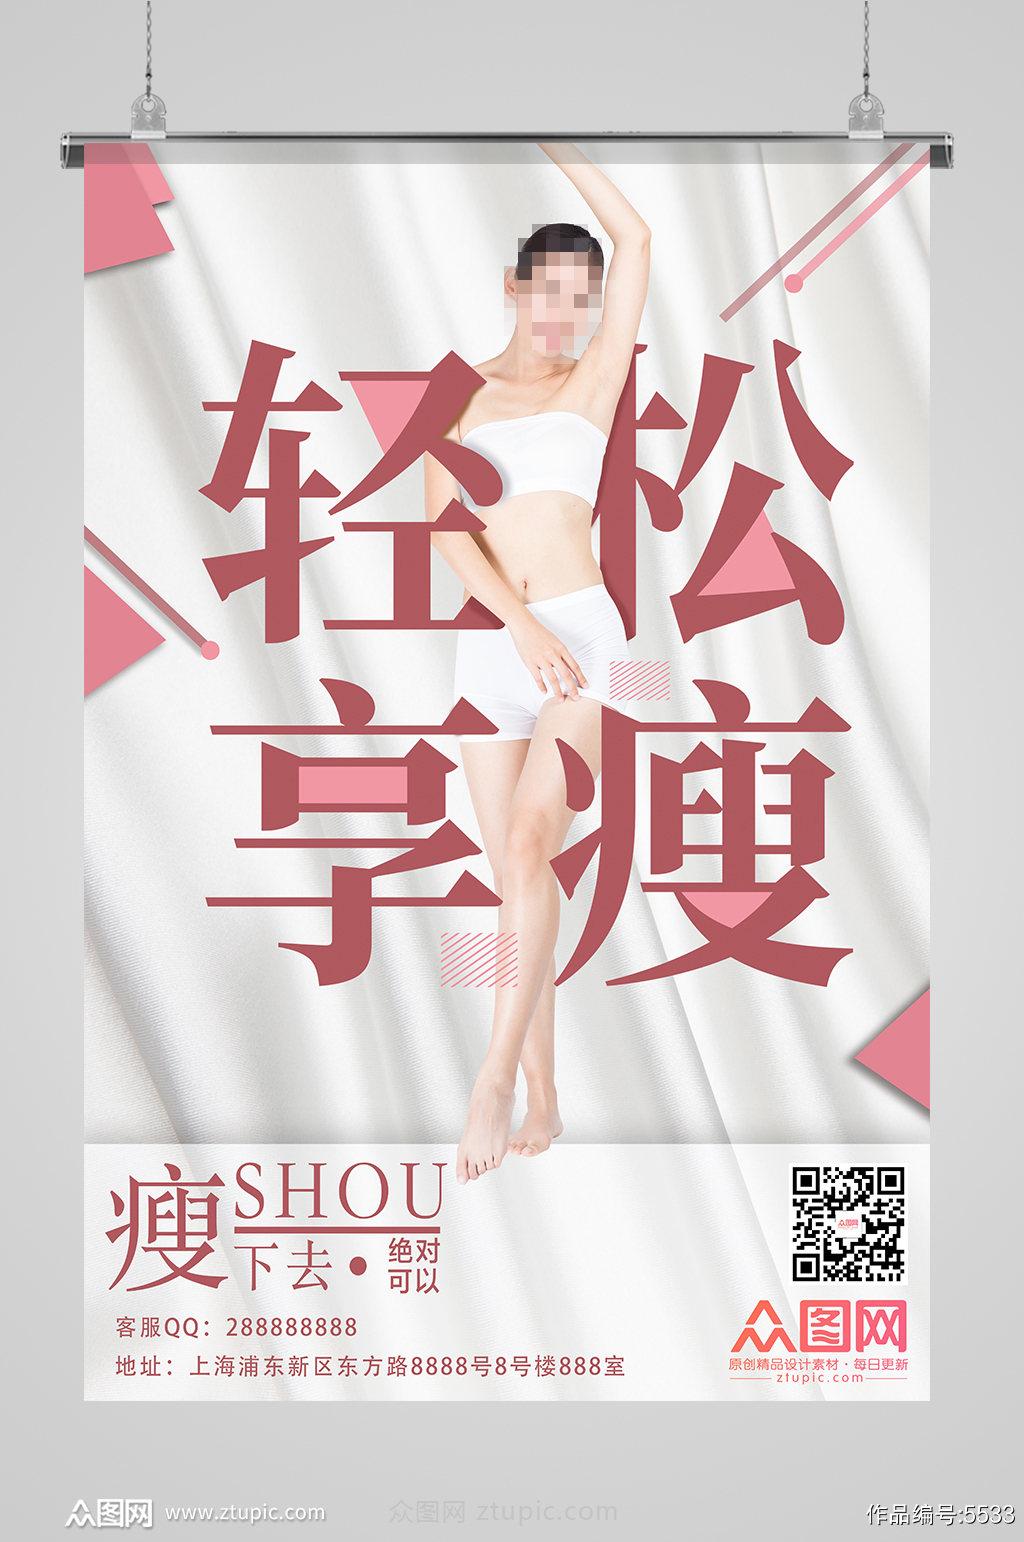 美容美体瘦身海报设计素材